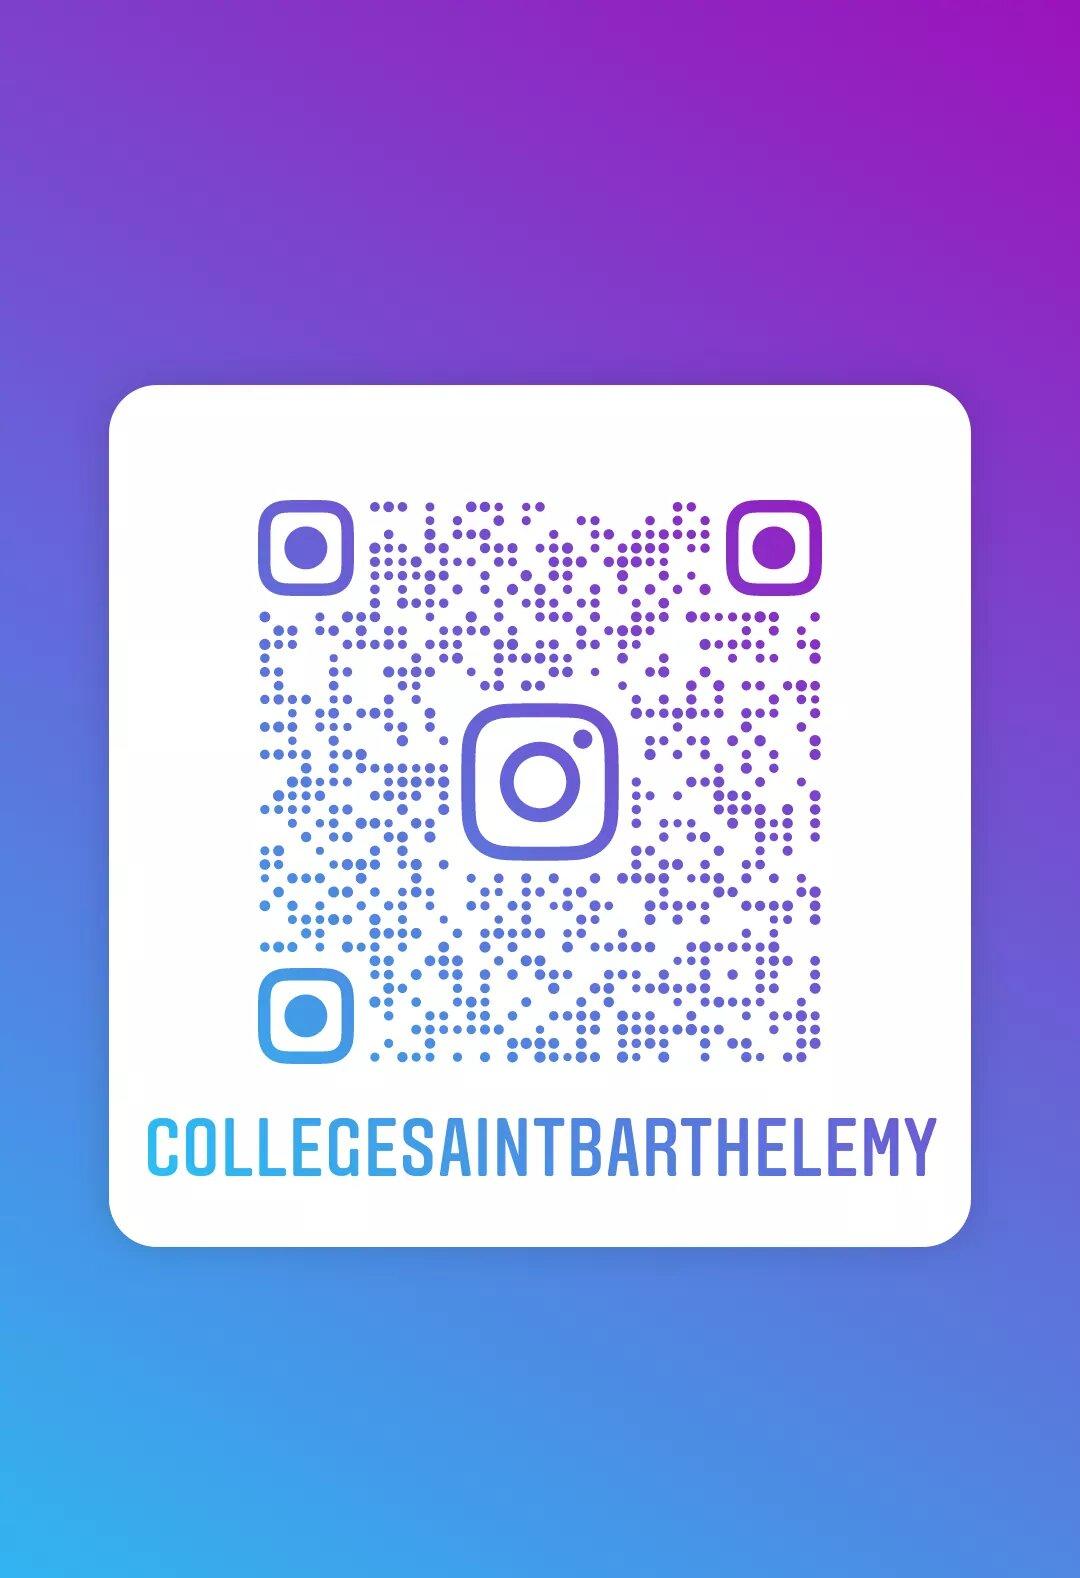 Suivez-nous sur Instagram! - image